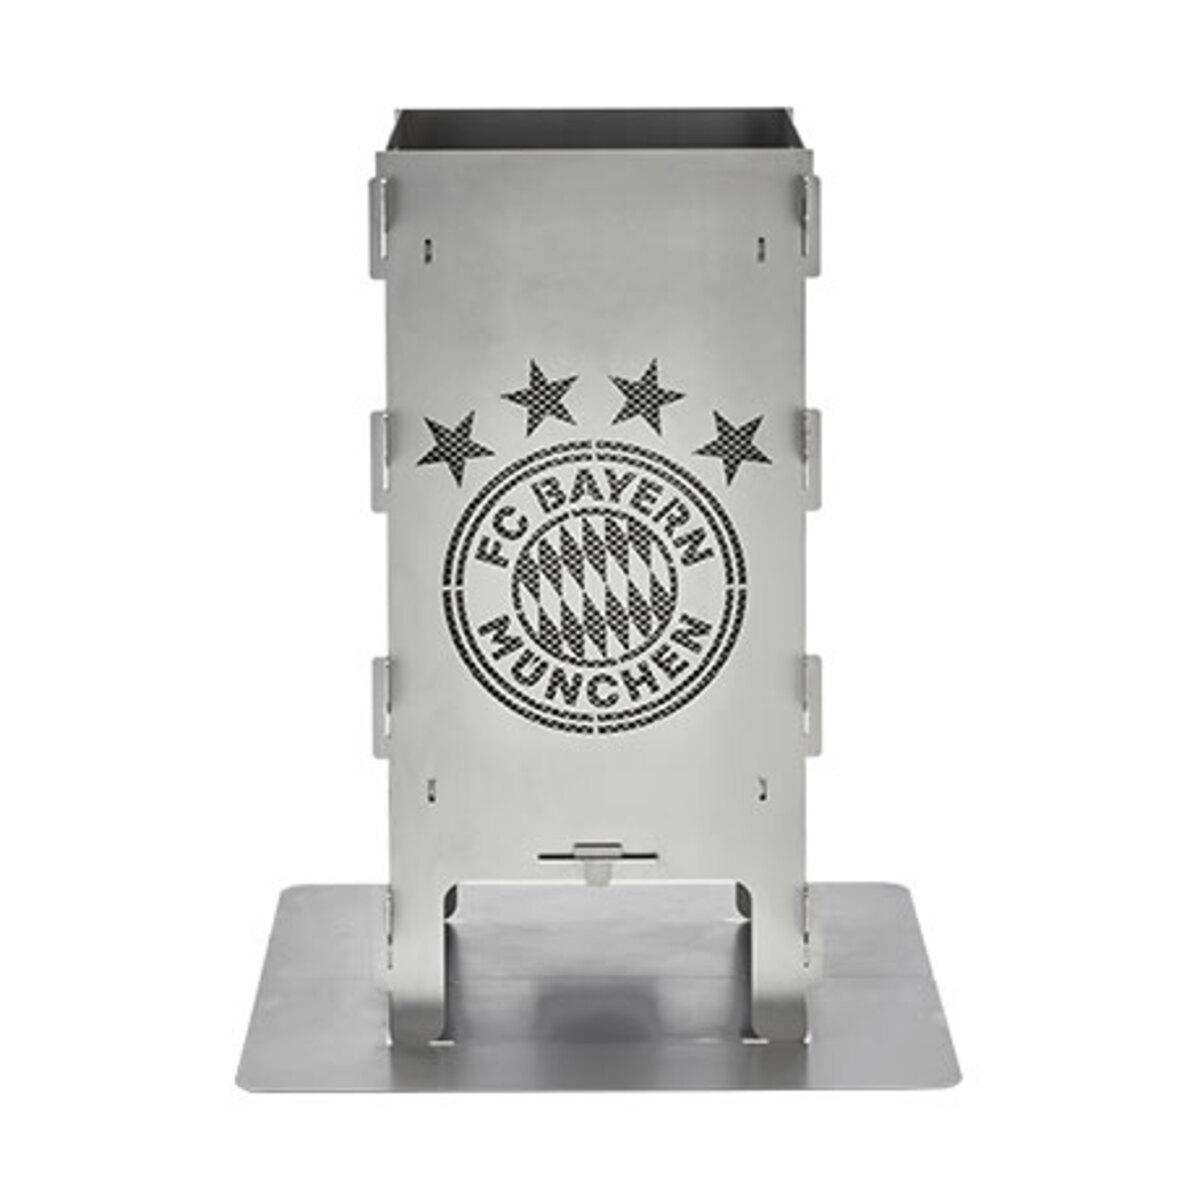 Bild 3 von Fußball-Feuersäule FC Bayern München1